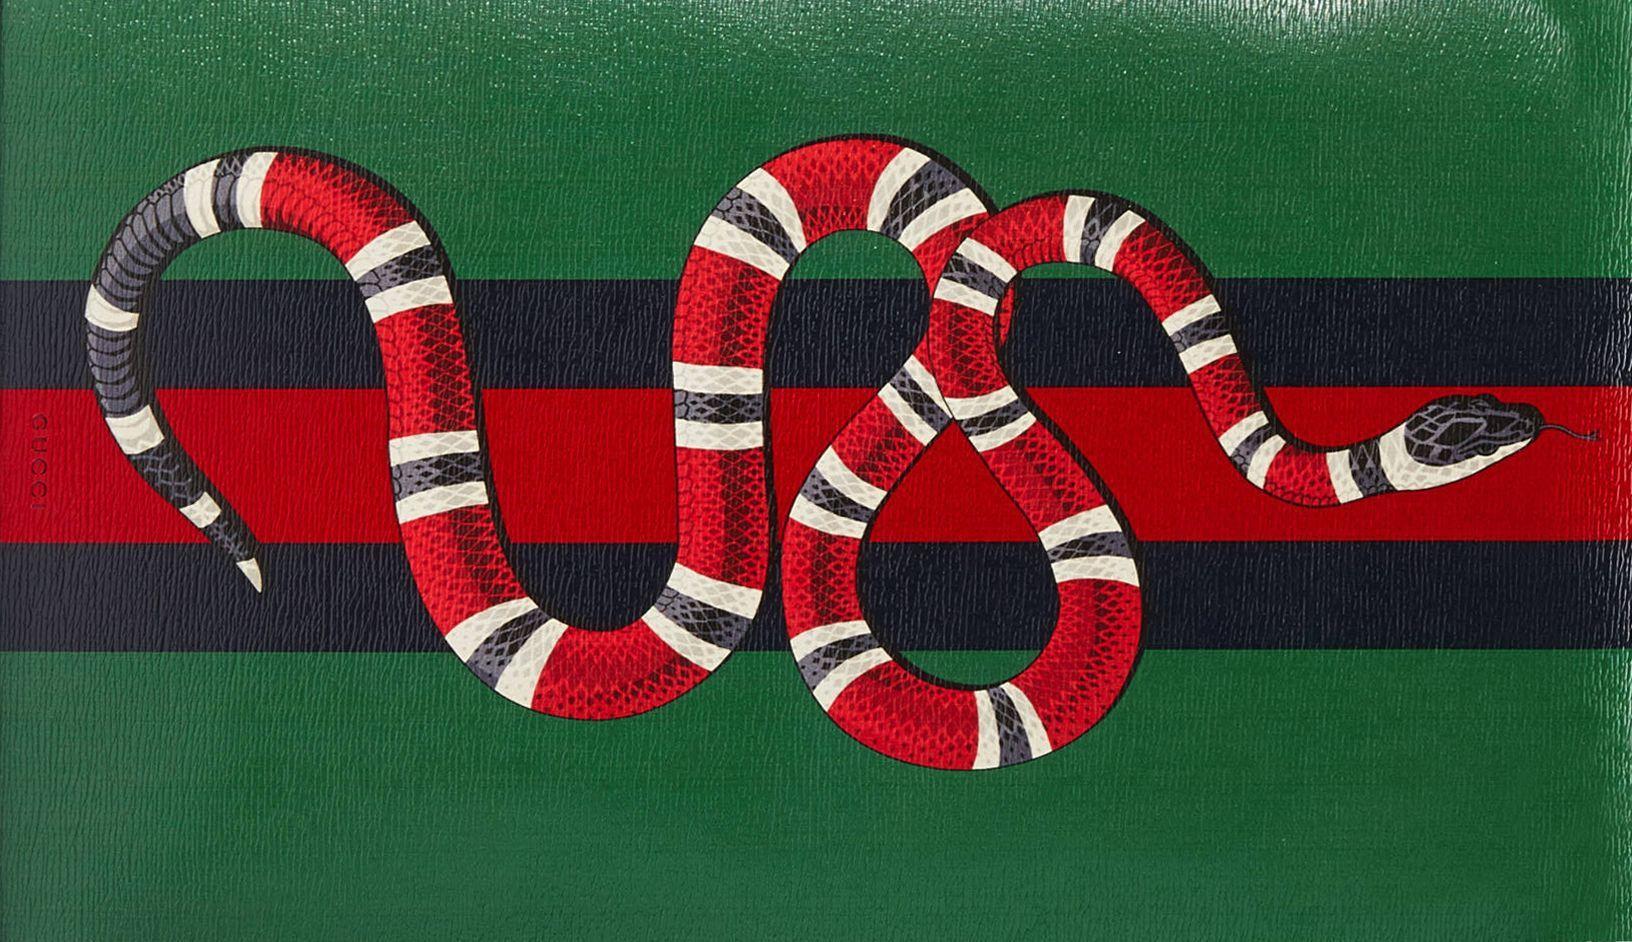 Gucci Snake Messenger Bag 1632x942 Download Hd Wallpaper Wallpapertip